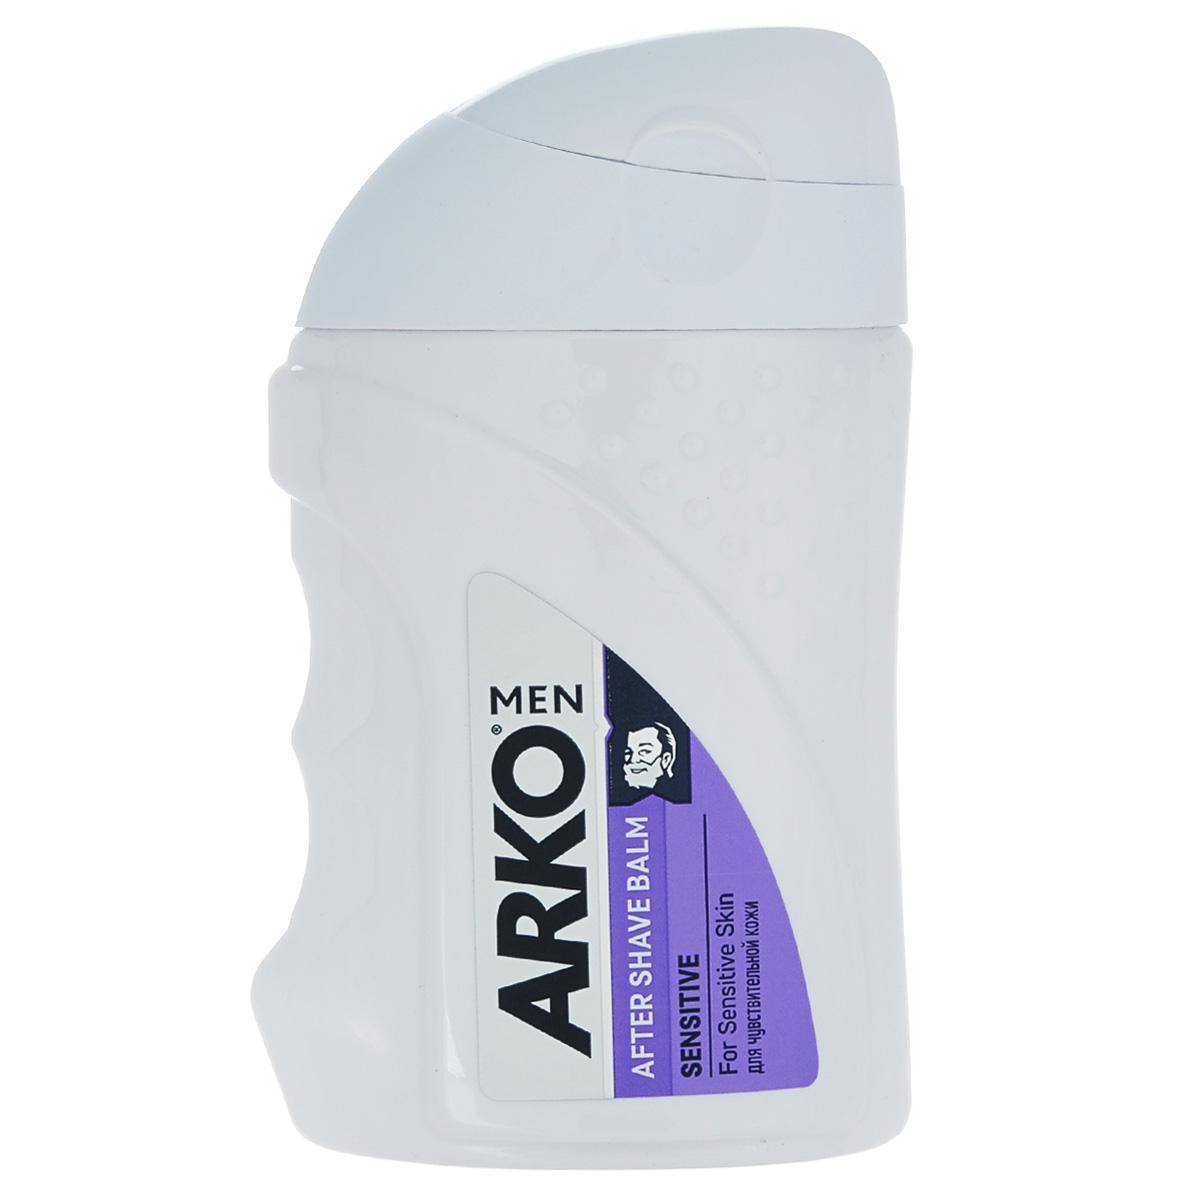 Arko MEN Бальзам после бритья Sensitive 150мл800537572защищает Вашу кожу от эффектасухости, вызванного бритьем и оставляет долгое ощущение комфорта